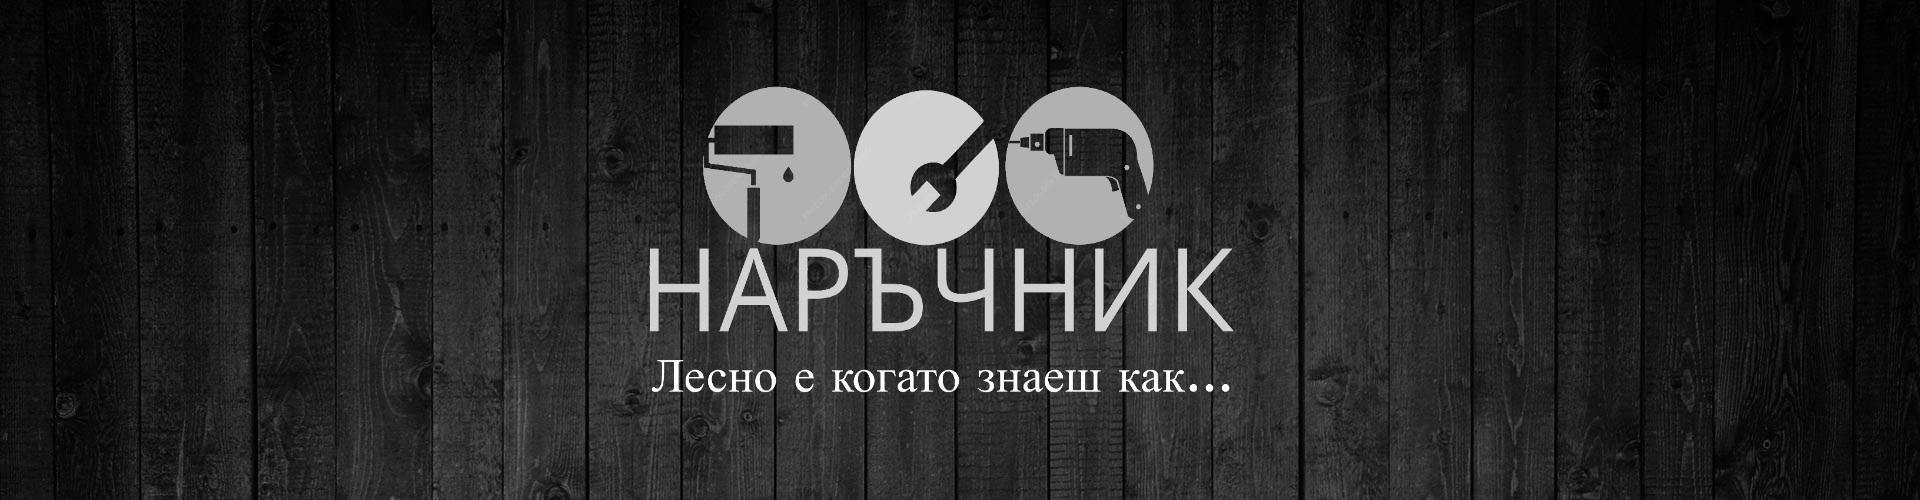 НАРЪЧНИК